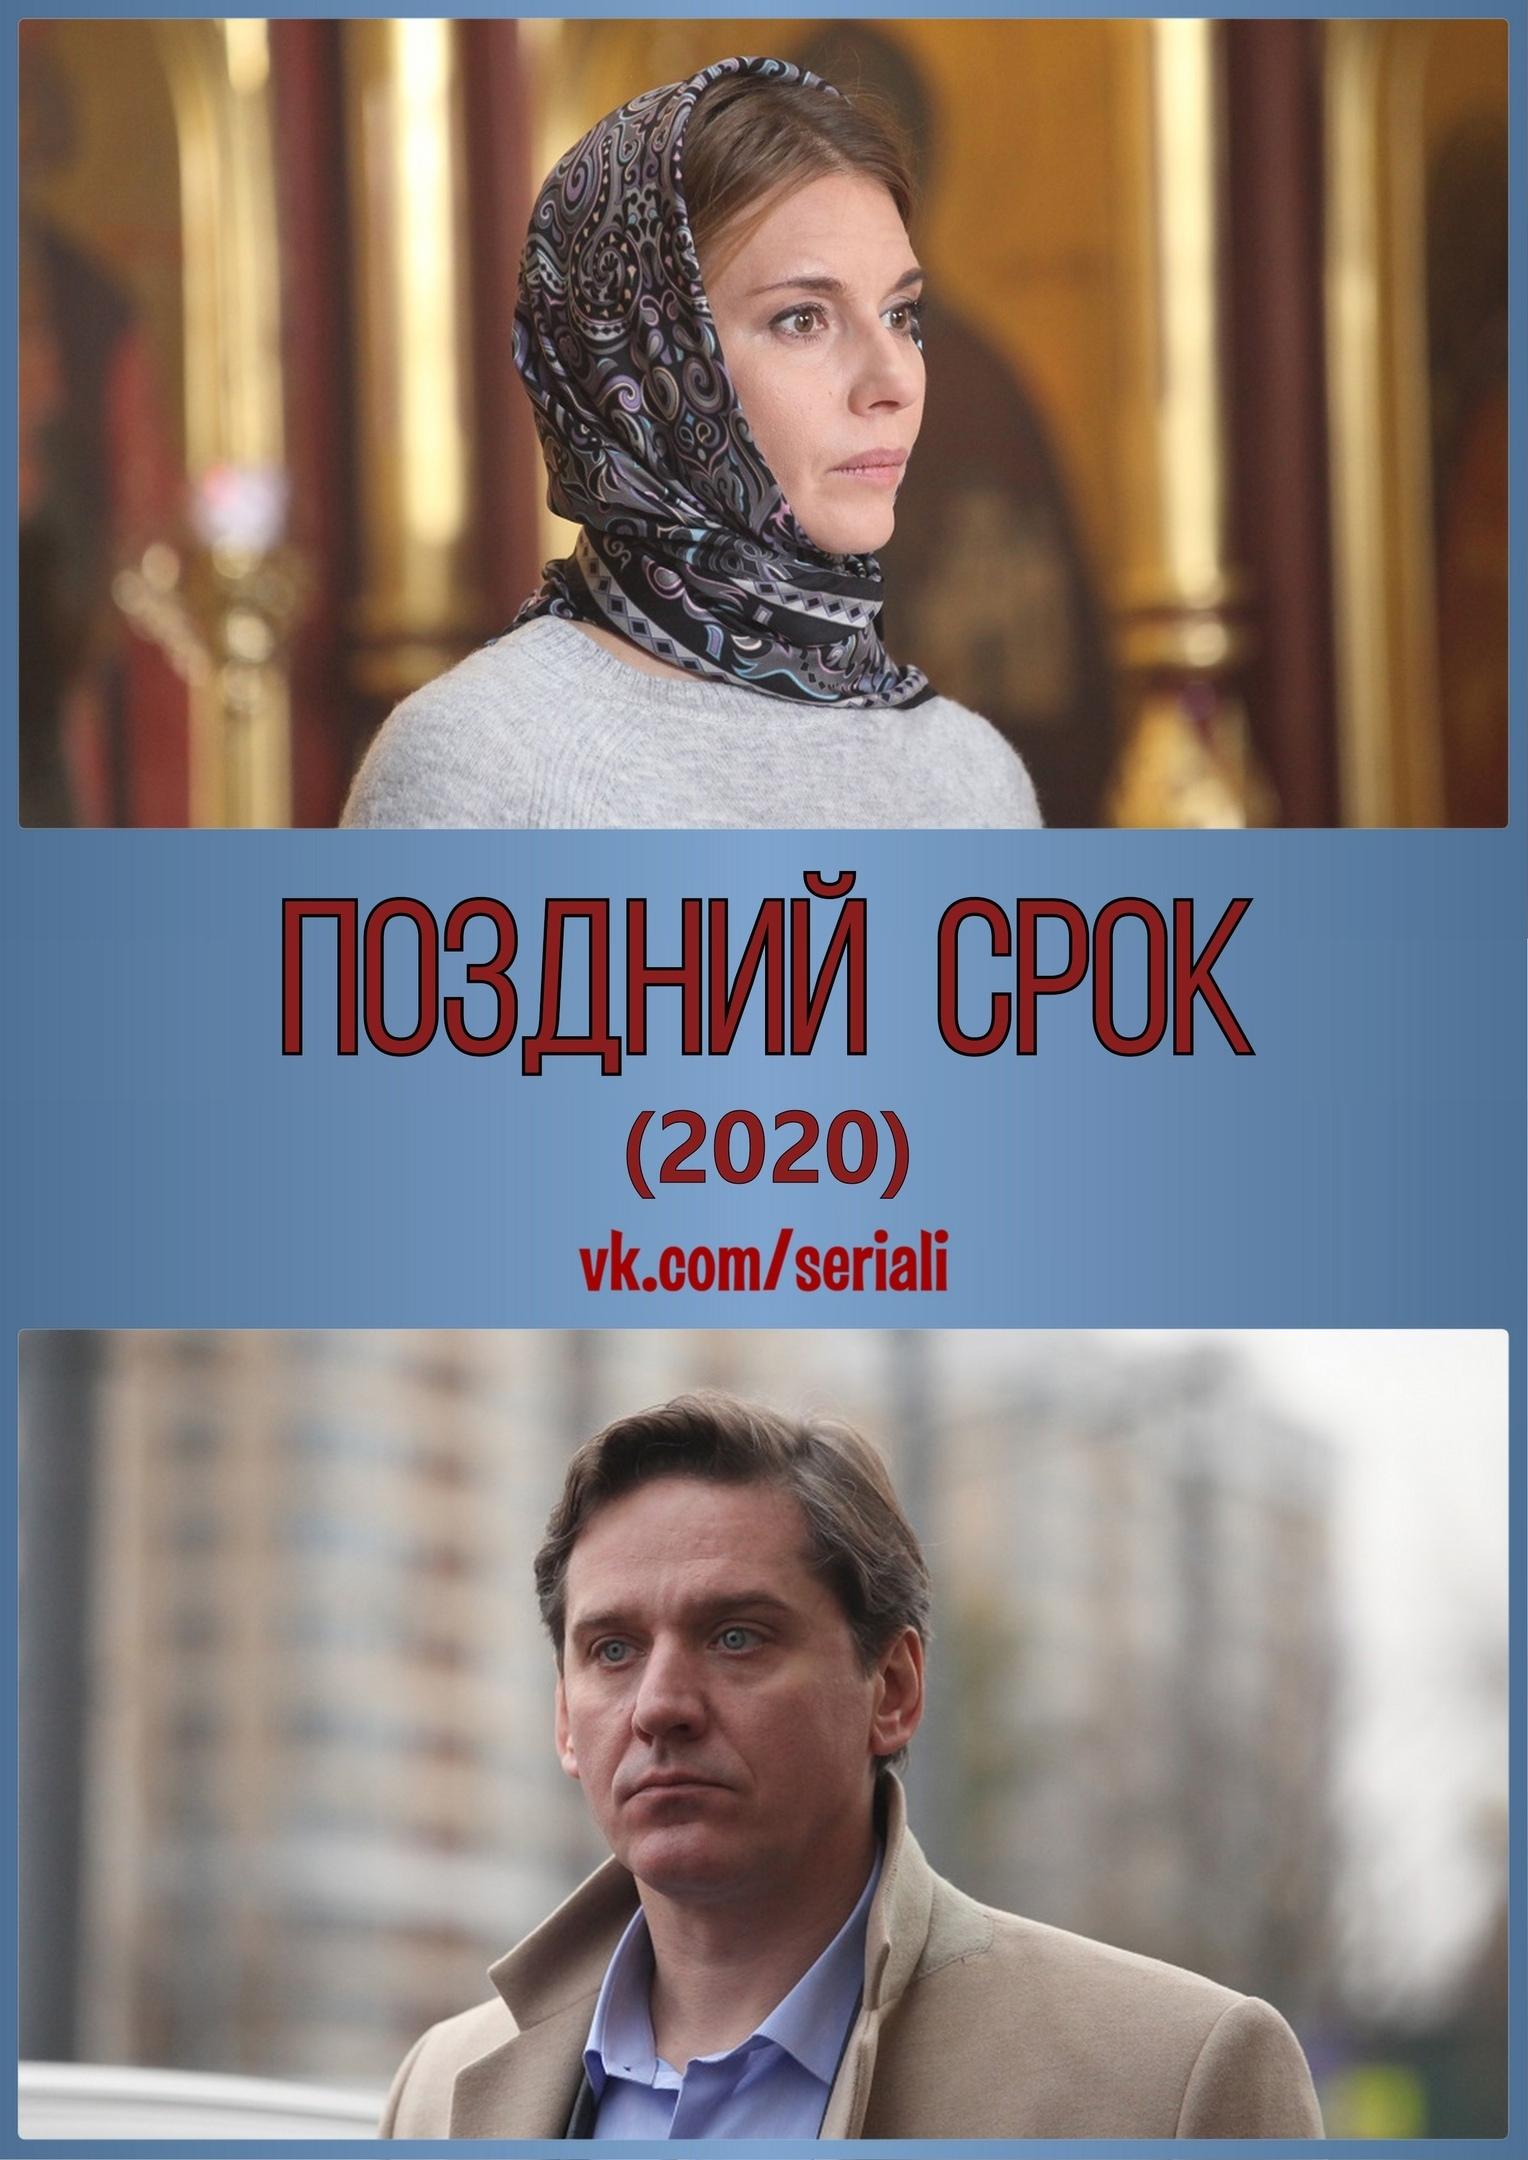 Мелодрама «Ποздний cрοк» (2020) 1-6 серия из 8